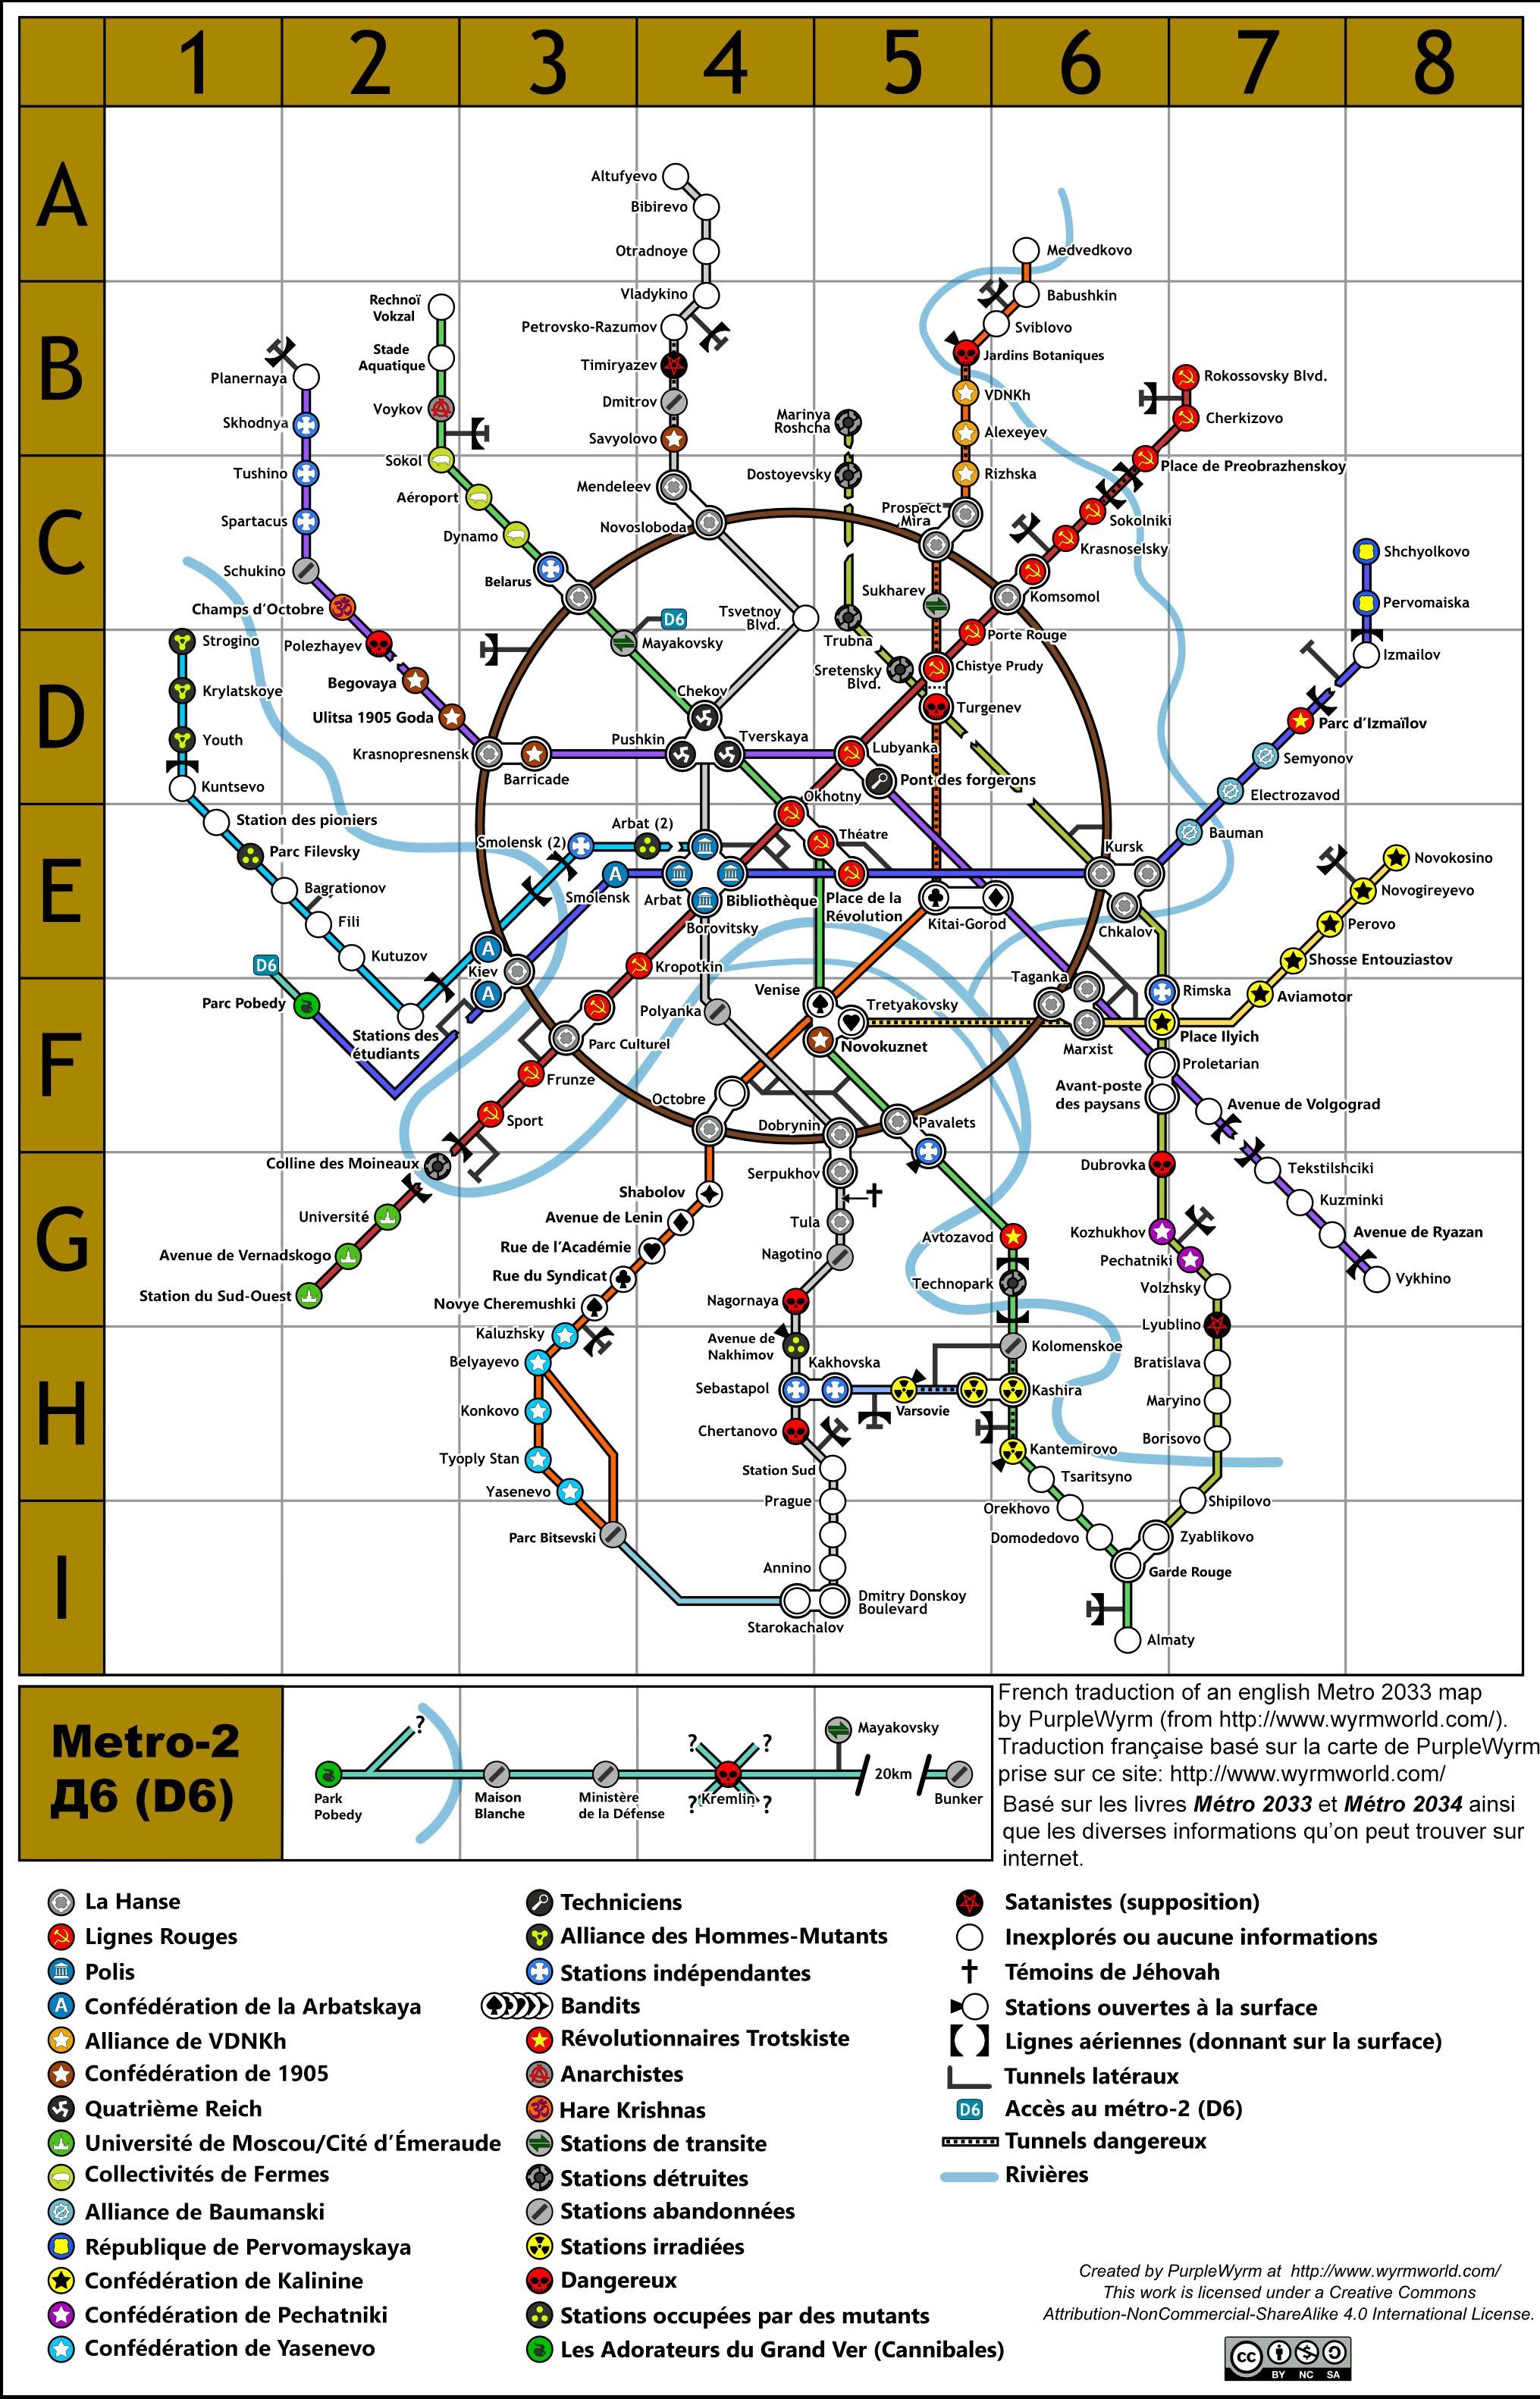 Wikia de l'Univers de Métro | Besoin d'aide sur le forum Metro